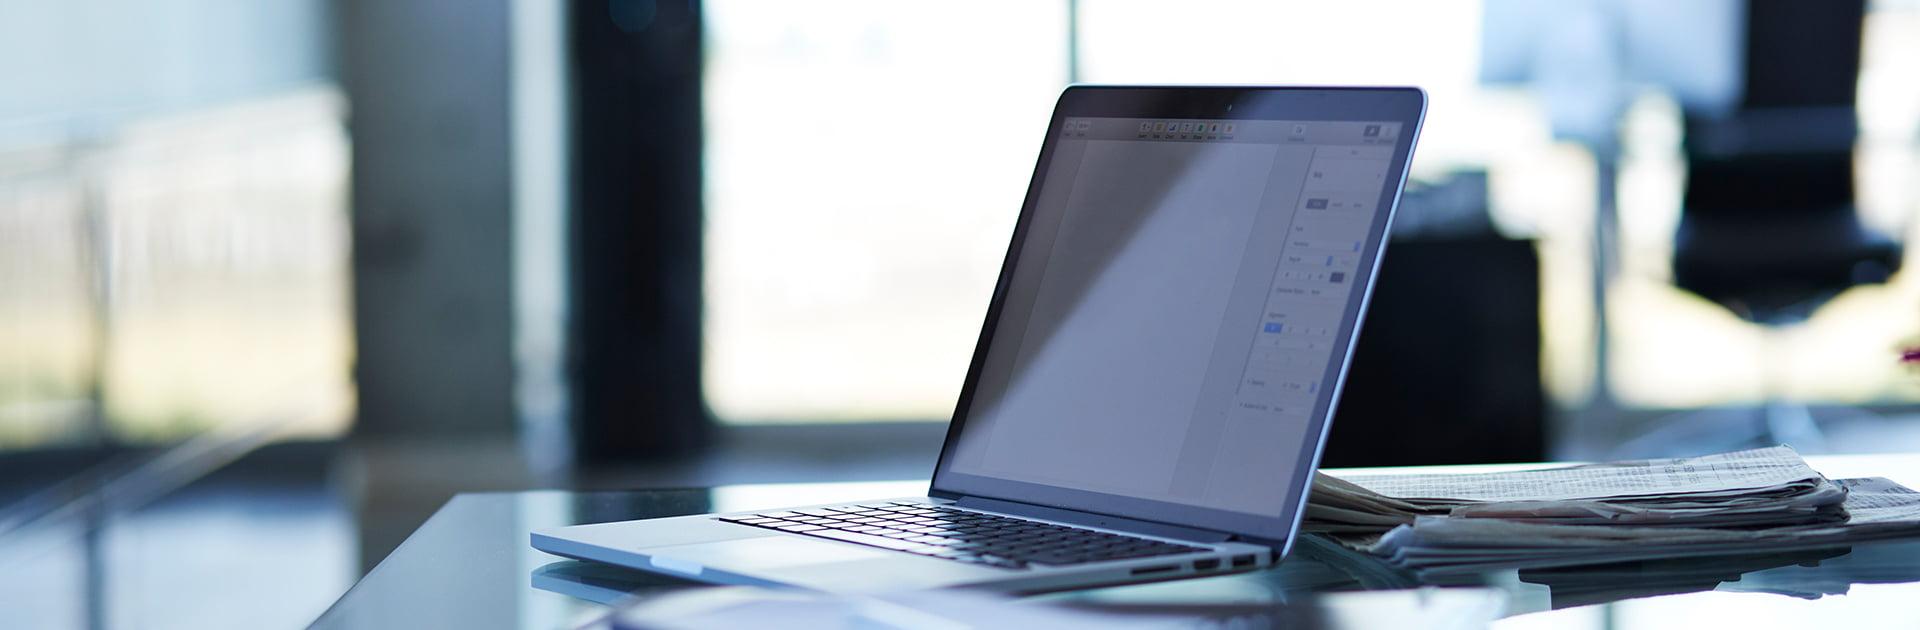 Webinar: Die digitale Signatur – Dokumente jederzeit und überall unterzeichnen